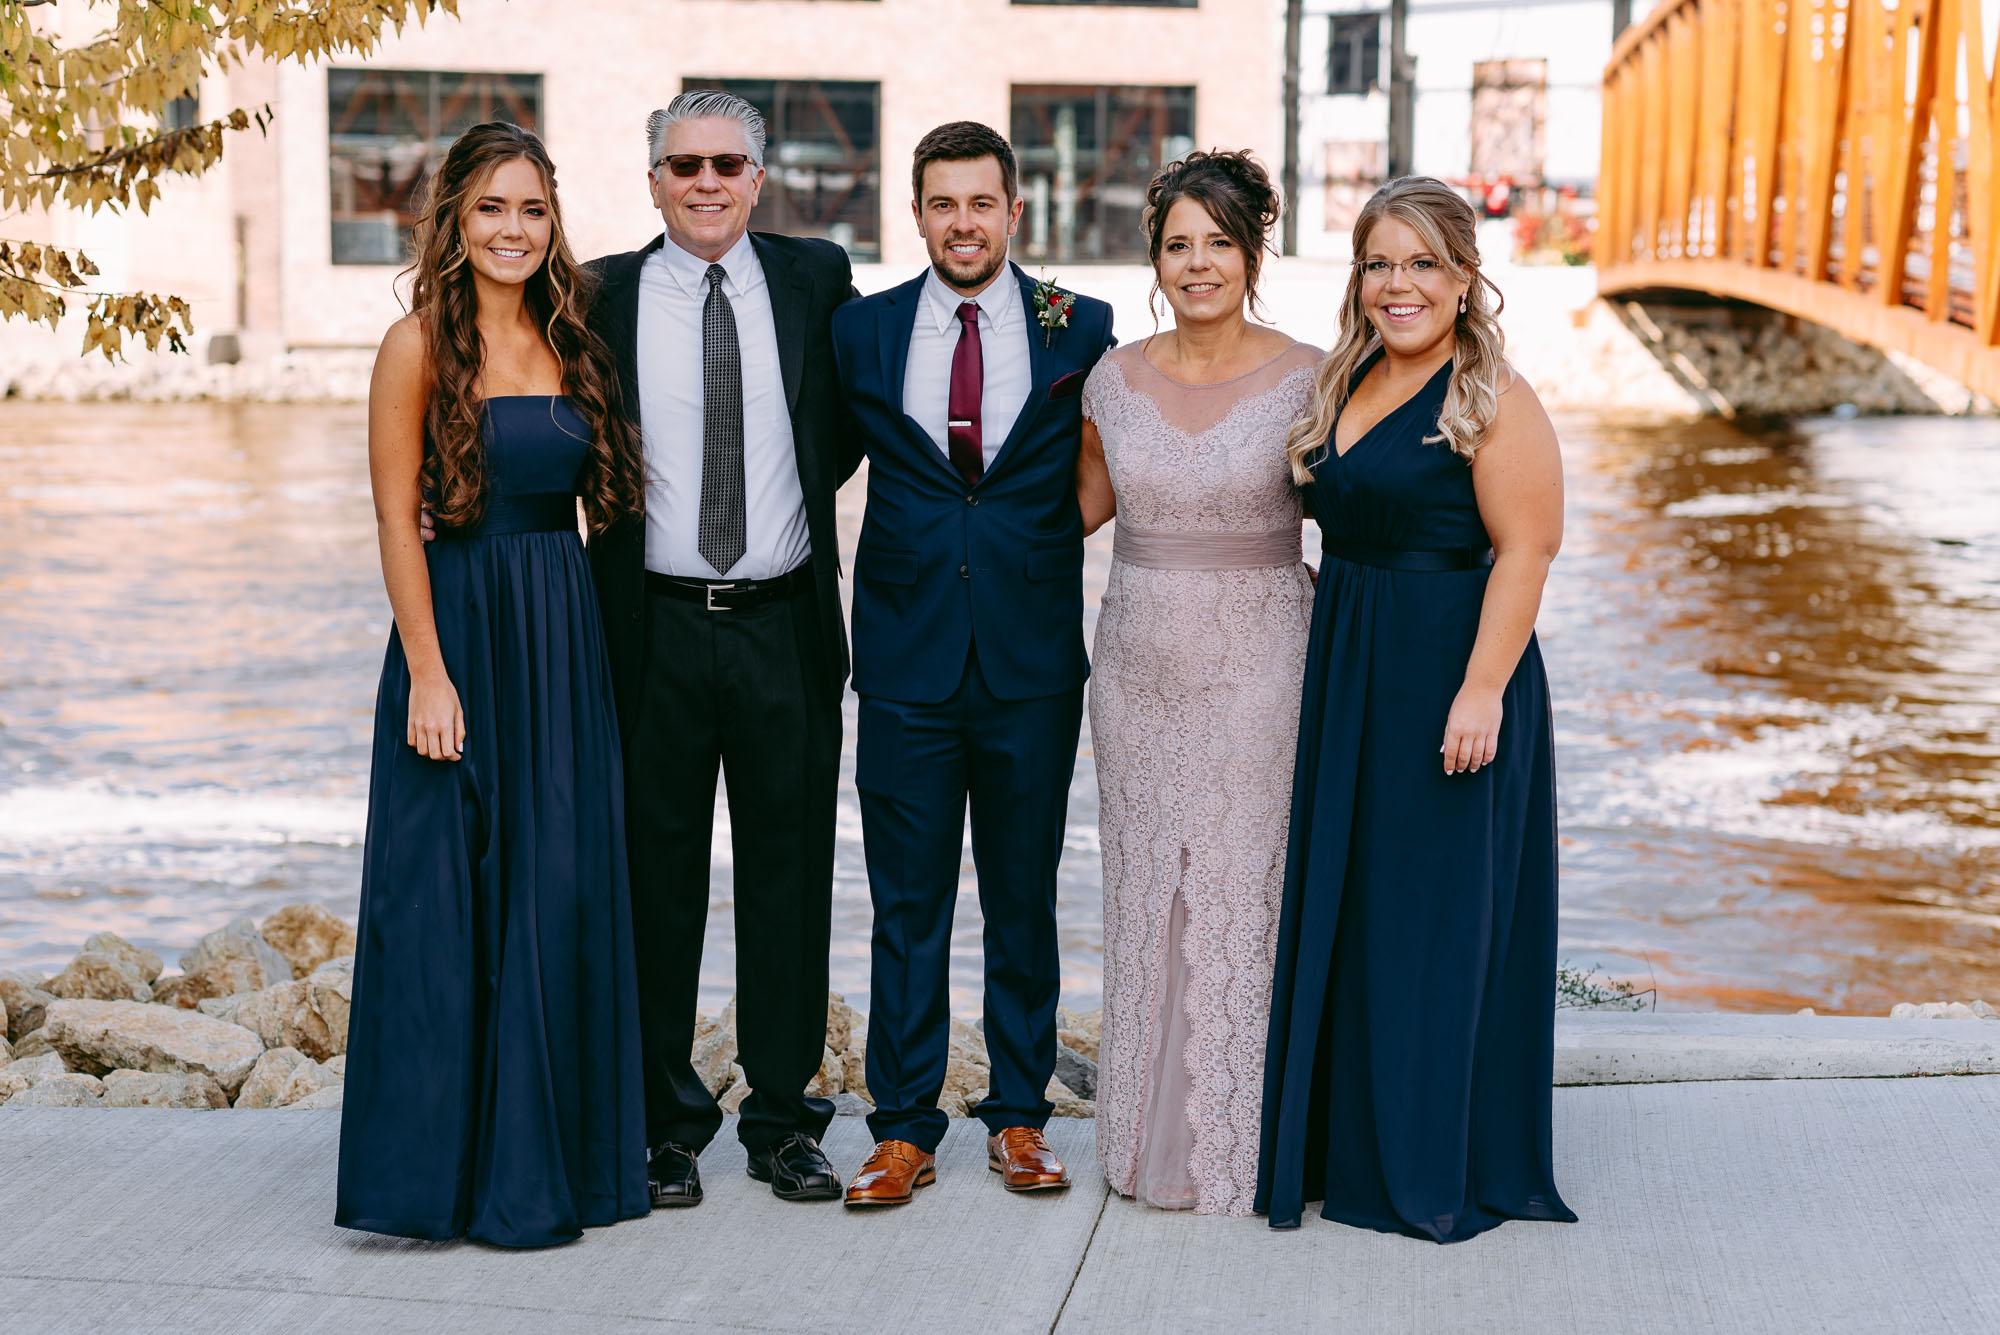 Rockford-IL-wedding-photographers-1-4.jpg